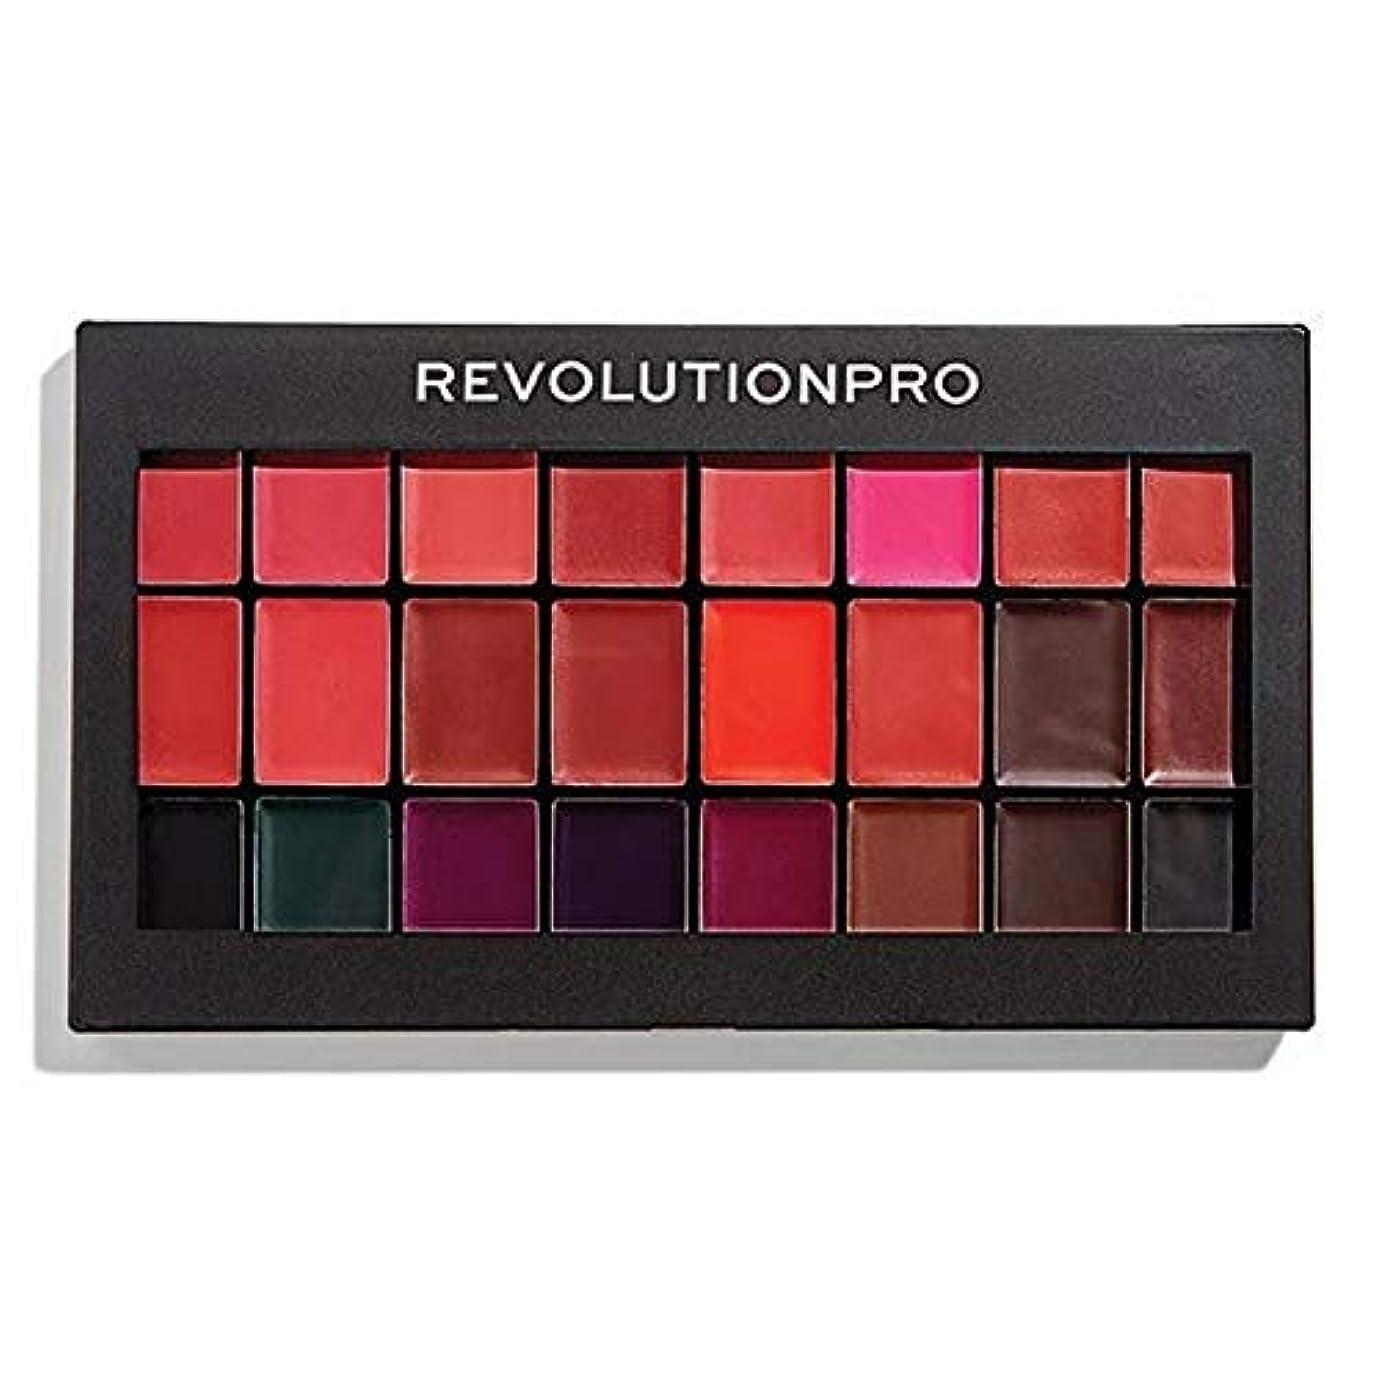 コーンウォール料理をするマティス[Revolution ] 革命プロ口紅キット赤&Vamps - Revolution Pro Lipstick Kit Reds & Vamps [並行輸入品]